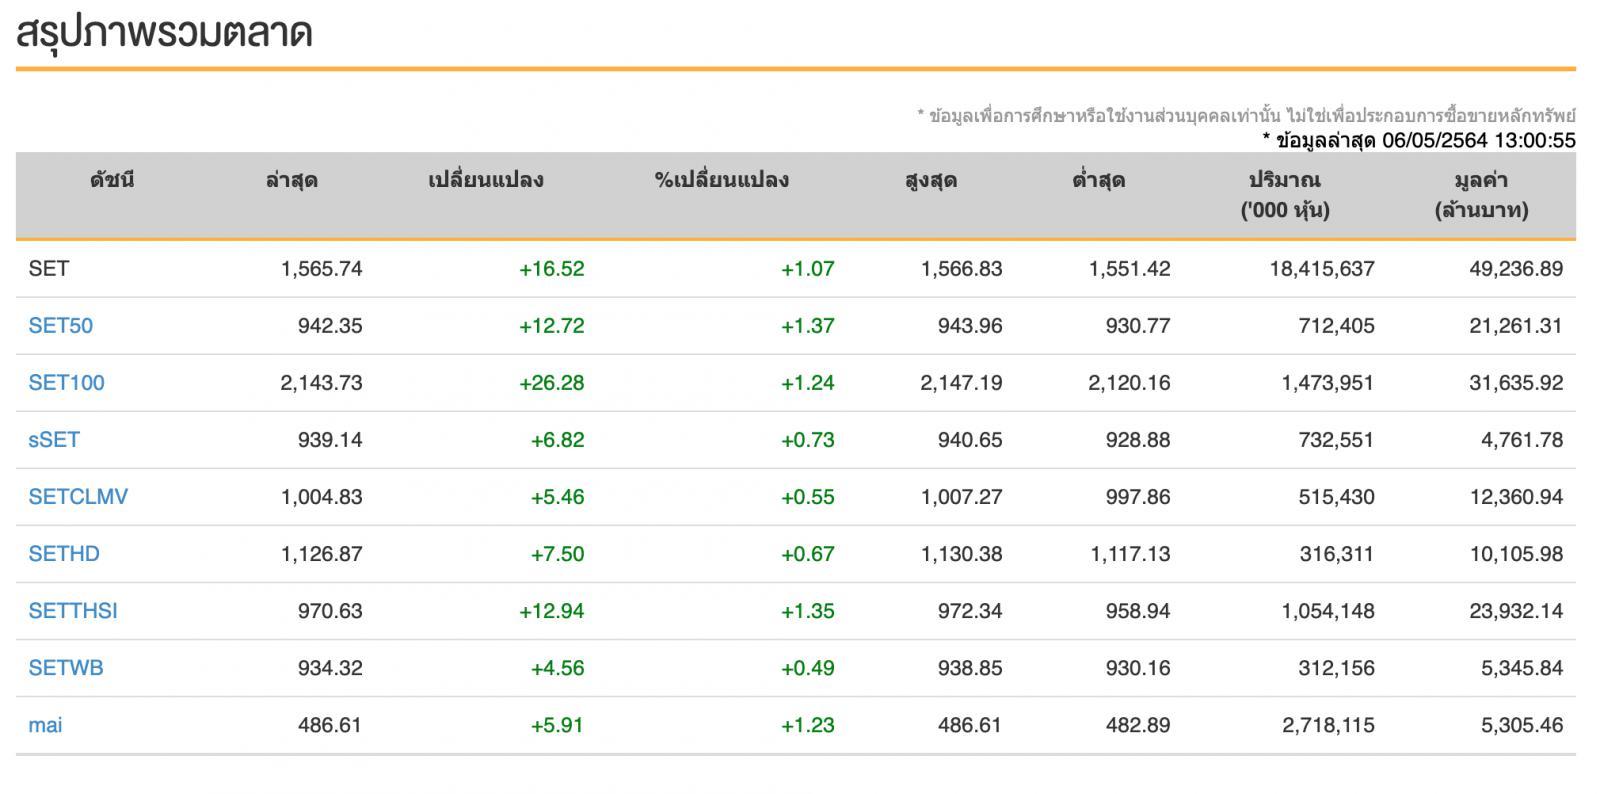 หุ้นไทยวันนี้ (6 พ.ค.64) ปิดเพิ่มขึ้น 22.69 จุด แรงหนุนเม็ดเงินกระตุ้นเศรษฐกิจ ปัจจัยต่างประเทศ